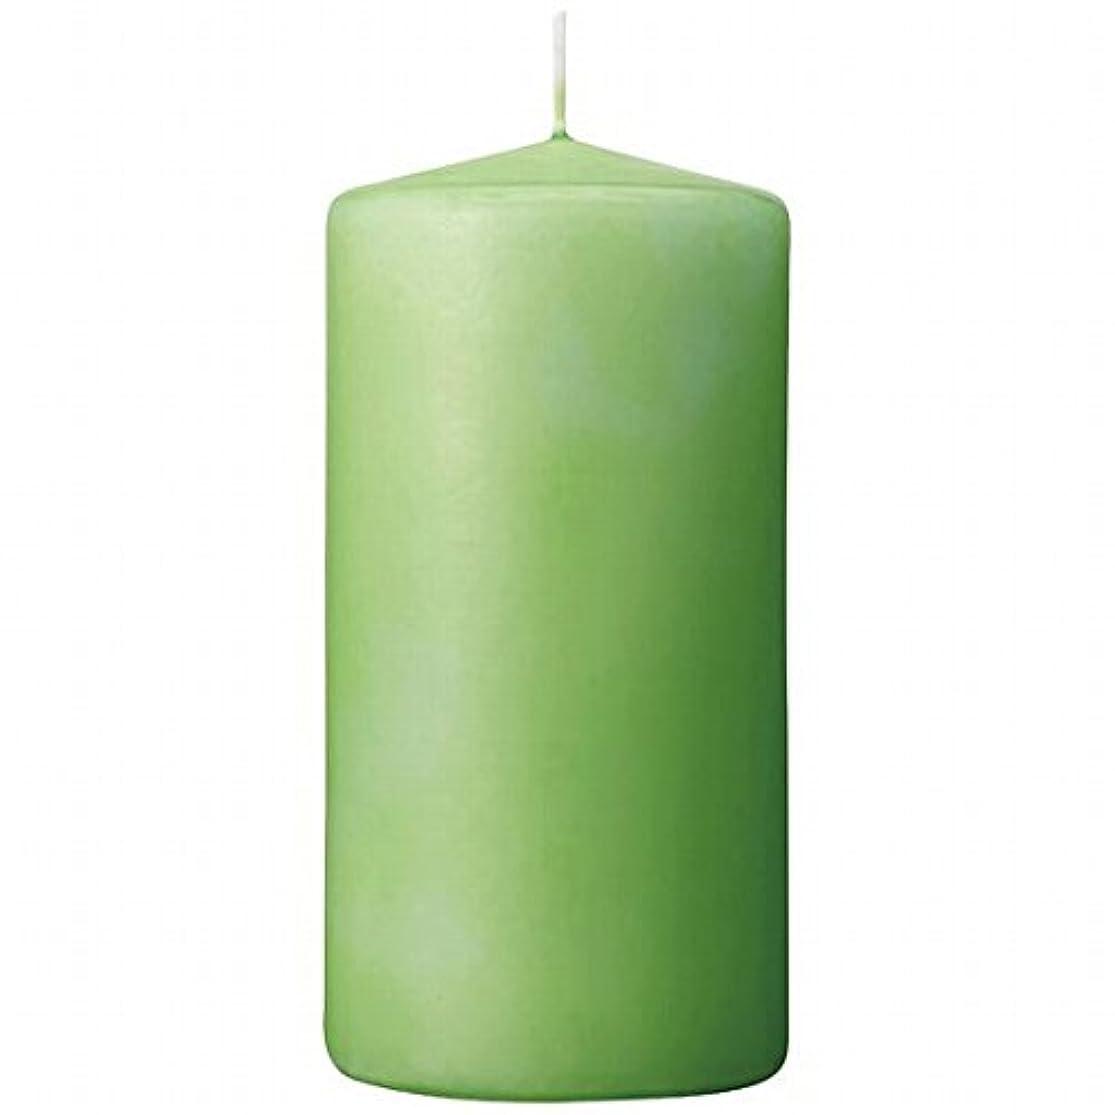 同級生殉教者なにカメヤマキャンドル(kameyama candle) 3×6ベルトップピラーキャンドル 「 ライム 」